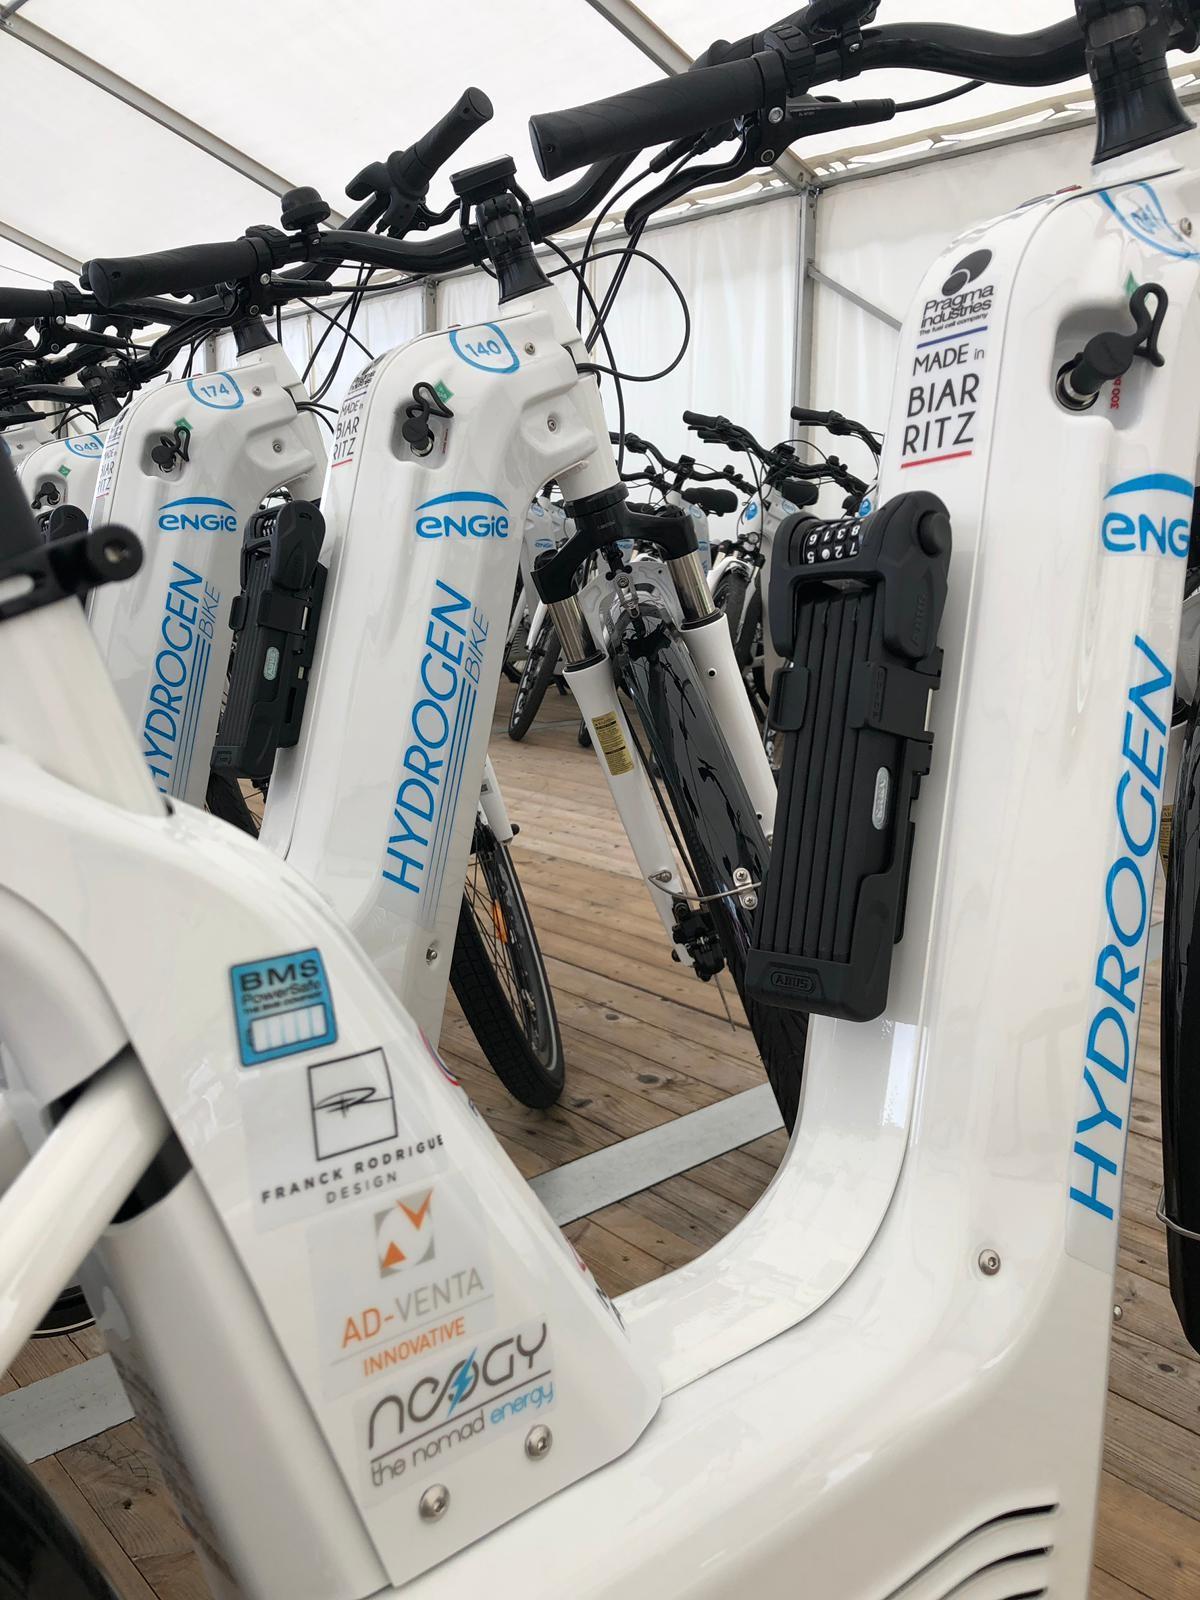 Une partie des vélos hydrogène Pragma qui avaient été mis en place par Engie à l'occasion du G7 de Biarritz